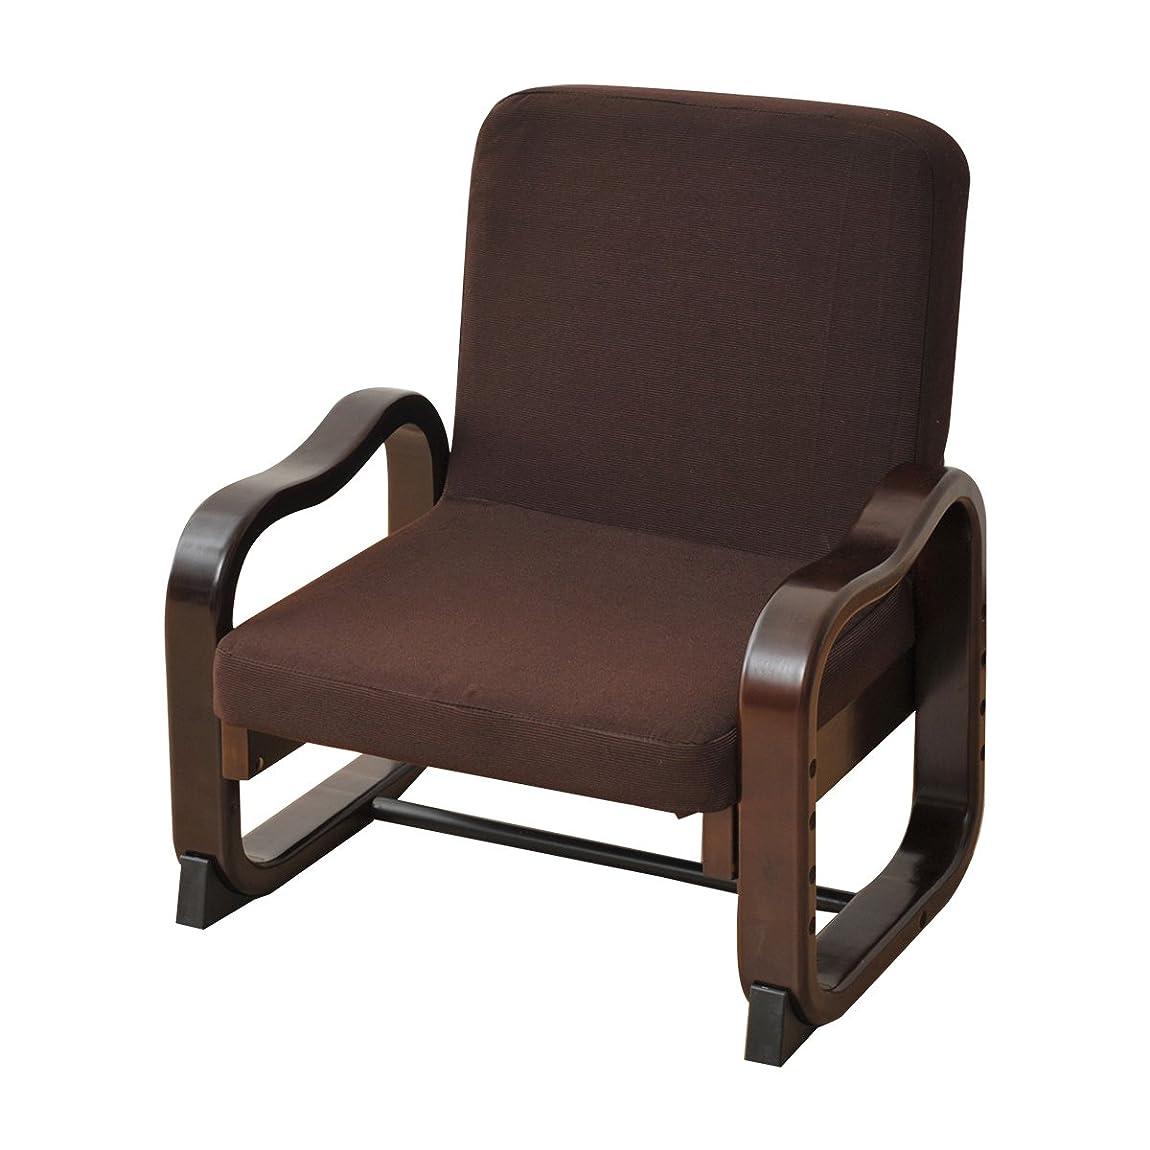 クロス流出くすぐったい山善 和室用 座椅子 立ち上がり楽々 優しい座椅子(ハイバック)  高さ調節機能付き ダークブラウン SKC-56H(DBR)